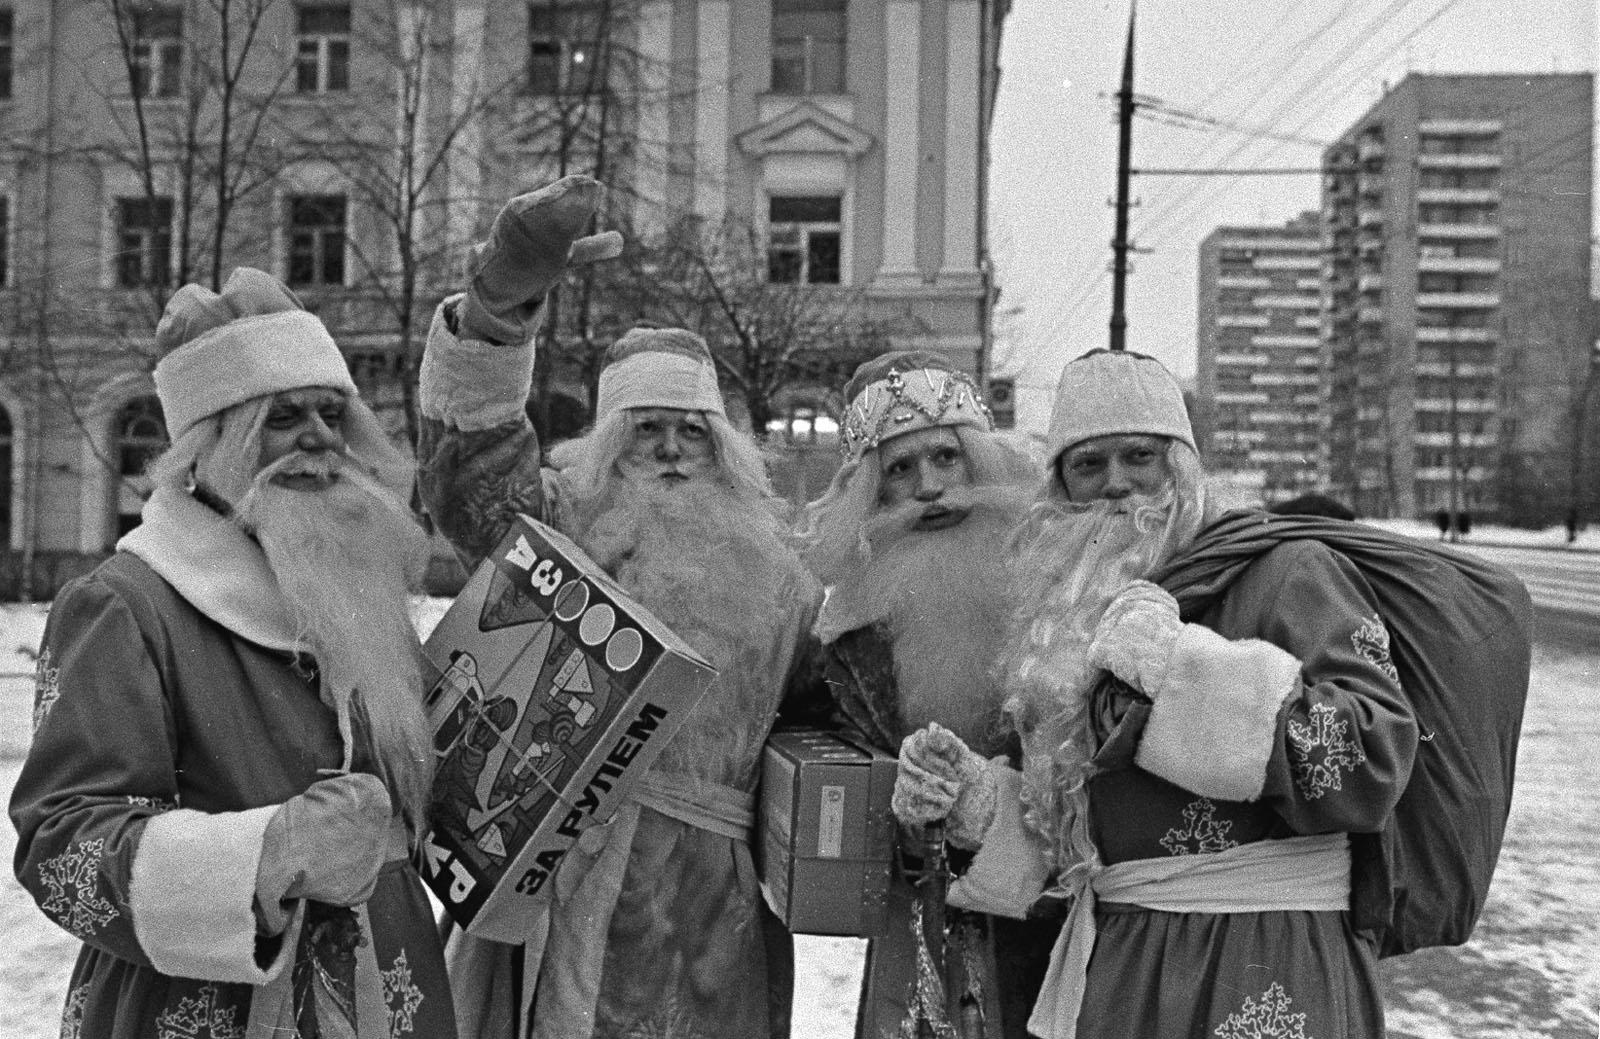 1976. Деды Морозы — сотрудники фирмы Заря. Автор Г. Корабельников. Декабрь